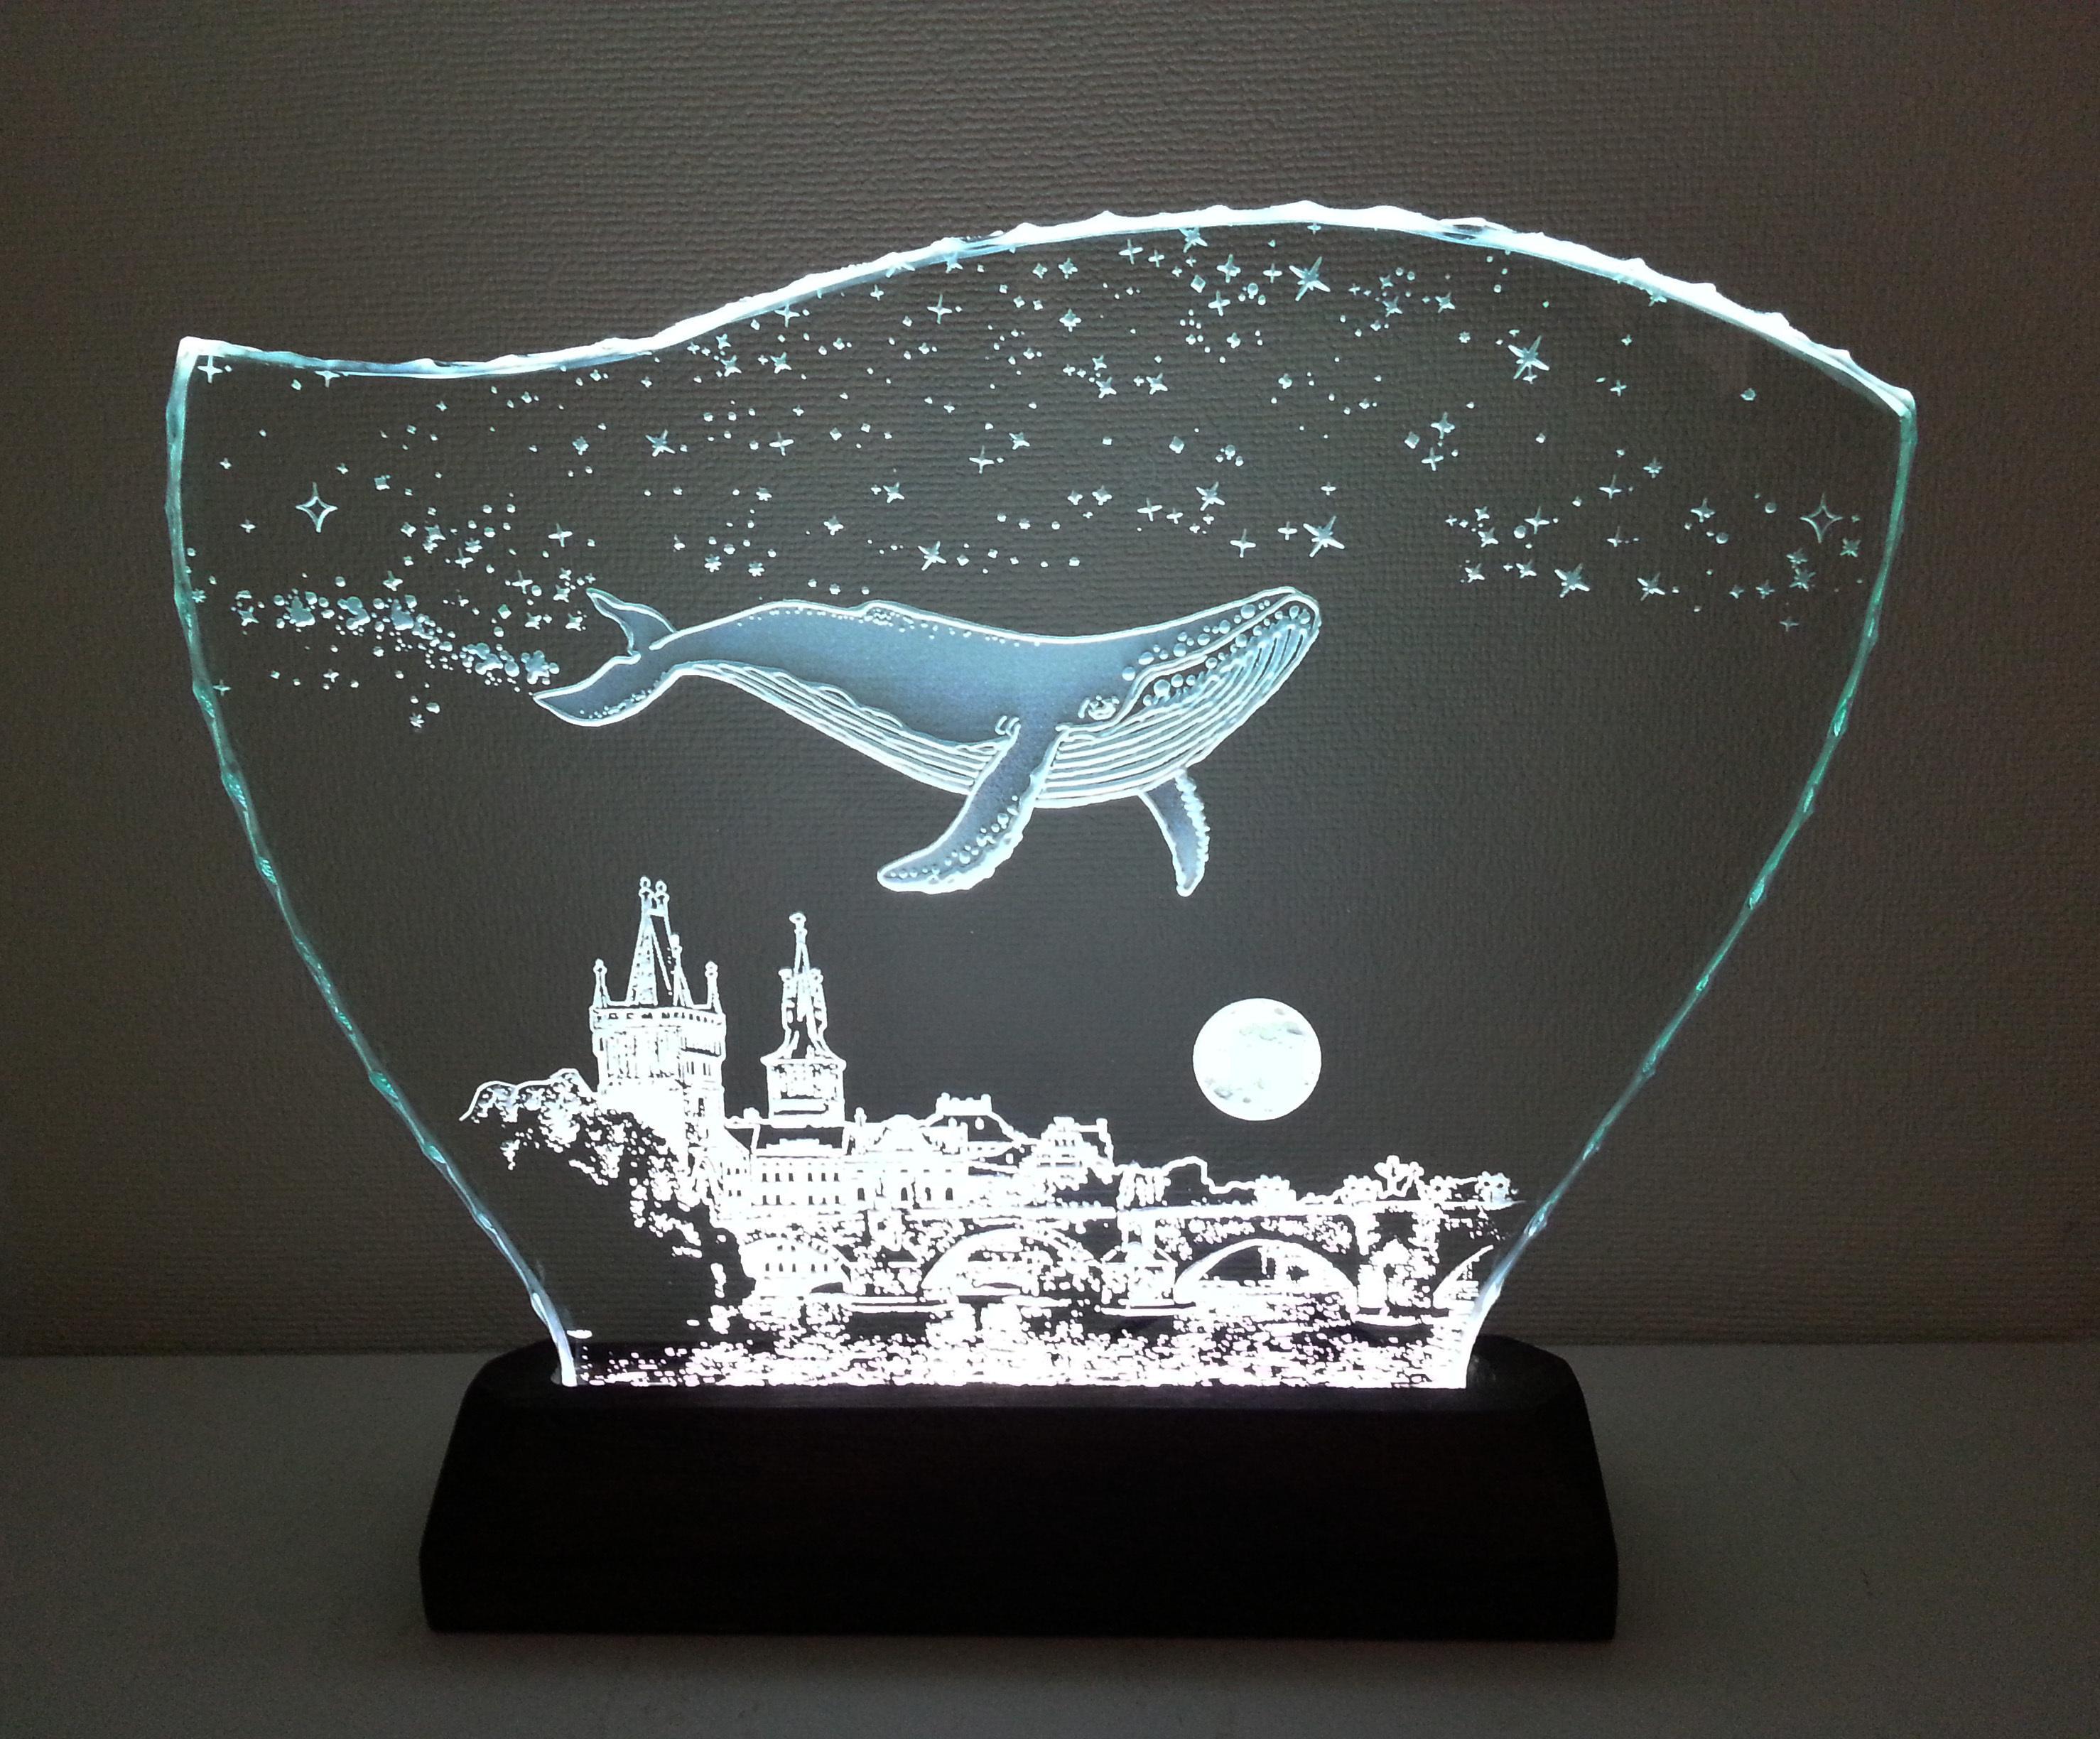 星降る夜・クジラ・プラハ ガラスエッチングパネル Lサイズ・LEDスタンドセット(ランプ・ライト・照明)